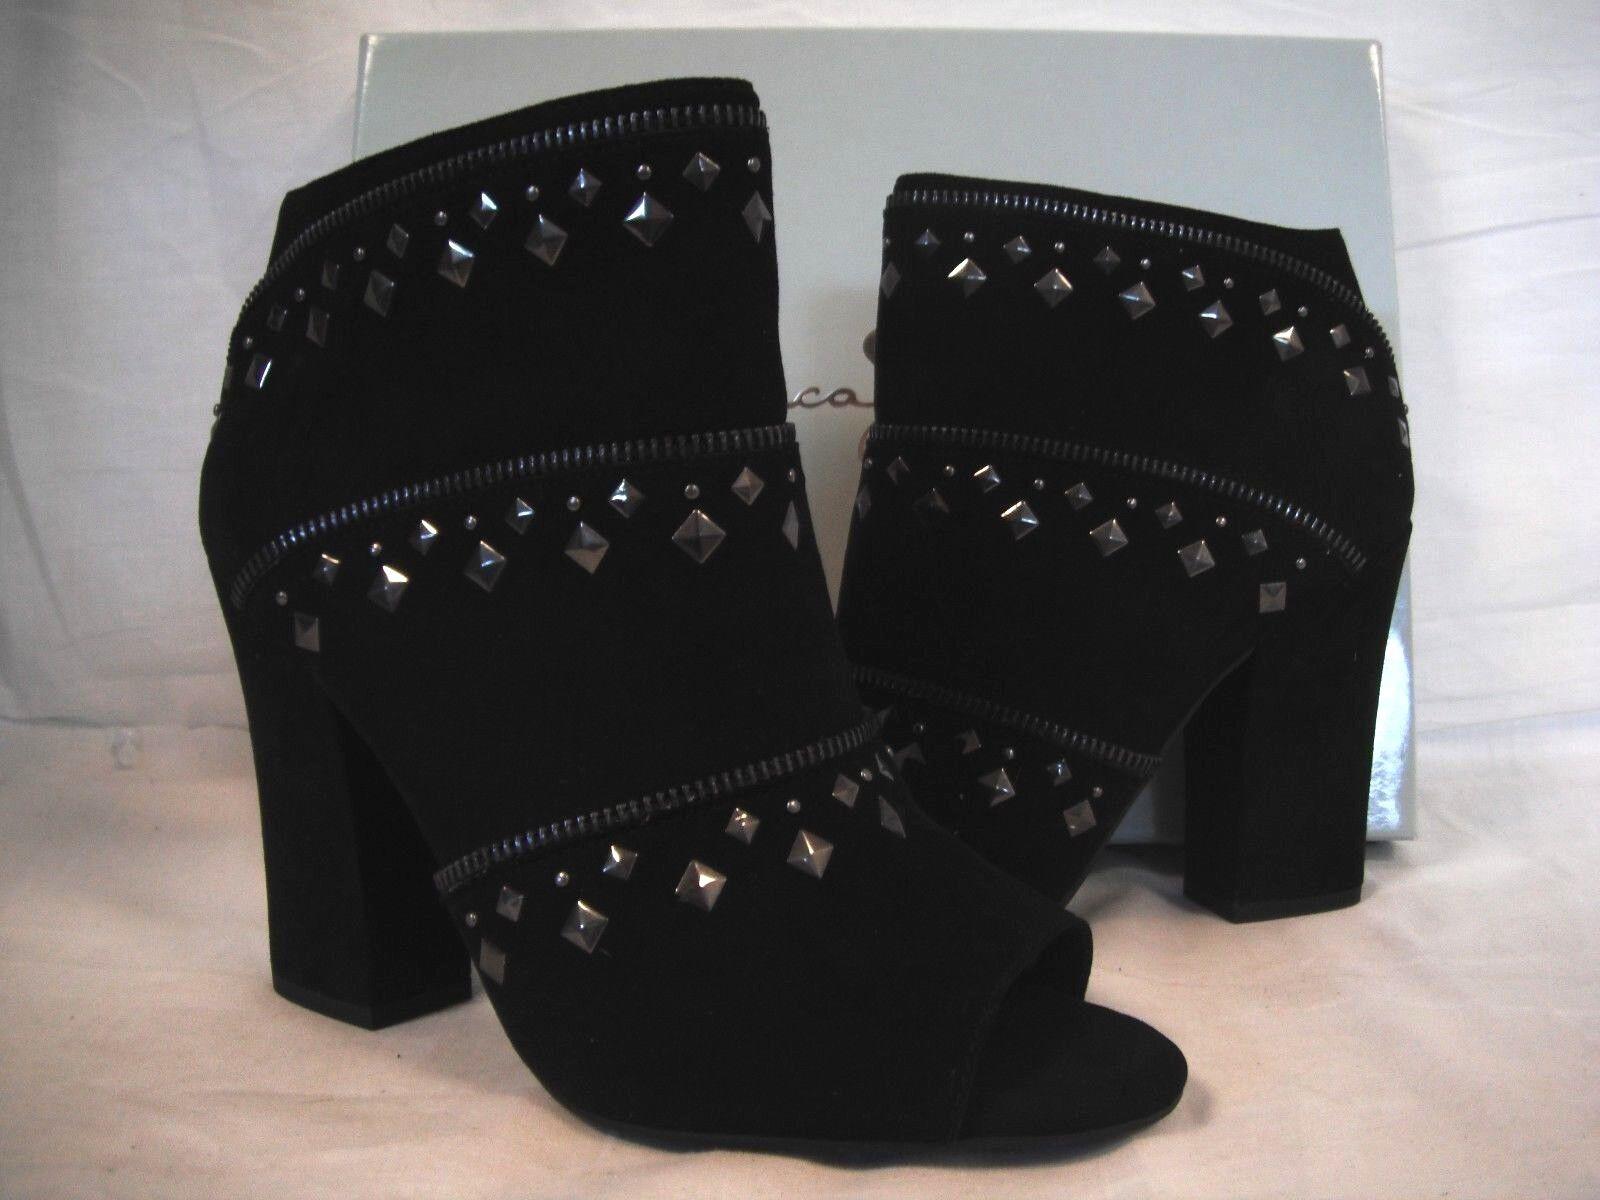 la migliore moda Jessica Simpson Simpson Simpson Dimensione 6.5 M Midara nero Ankle avvioies New donna scarpe NWOB  grandi offerte